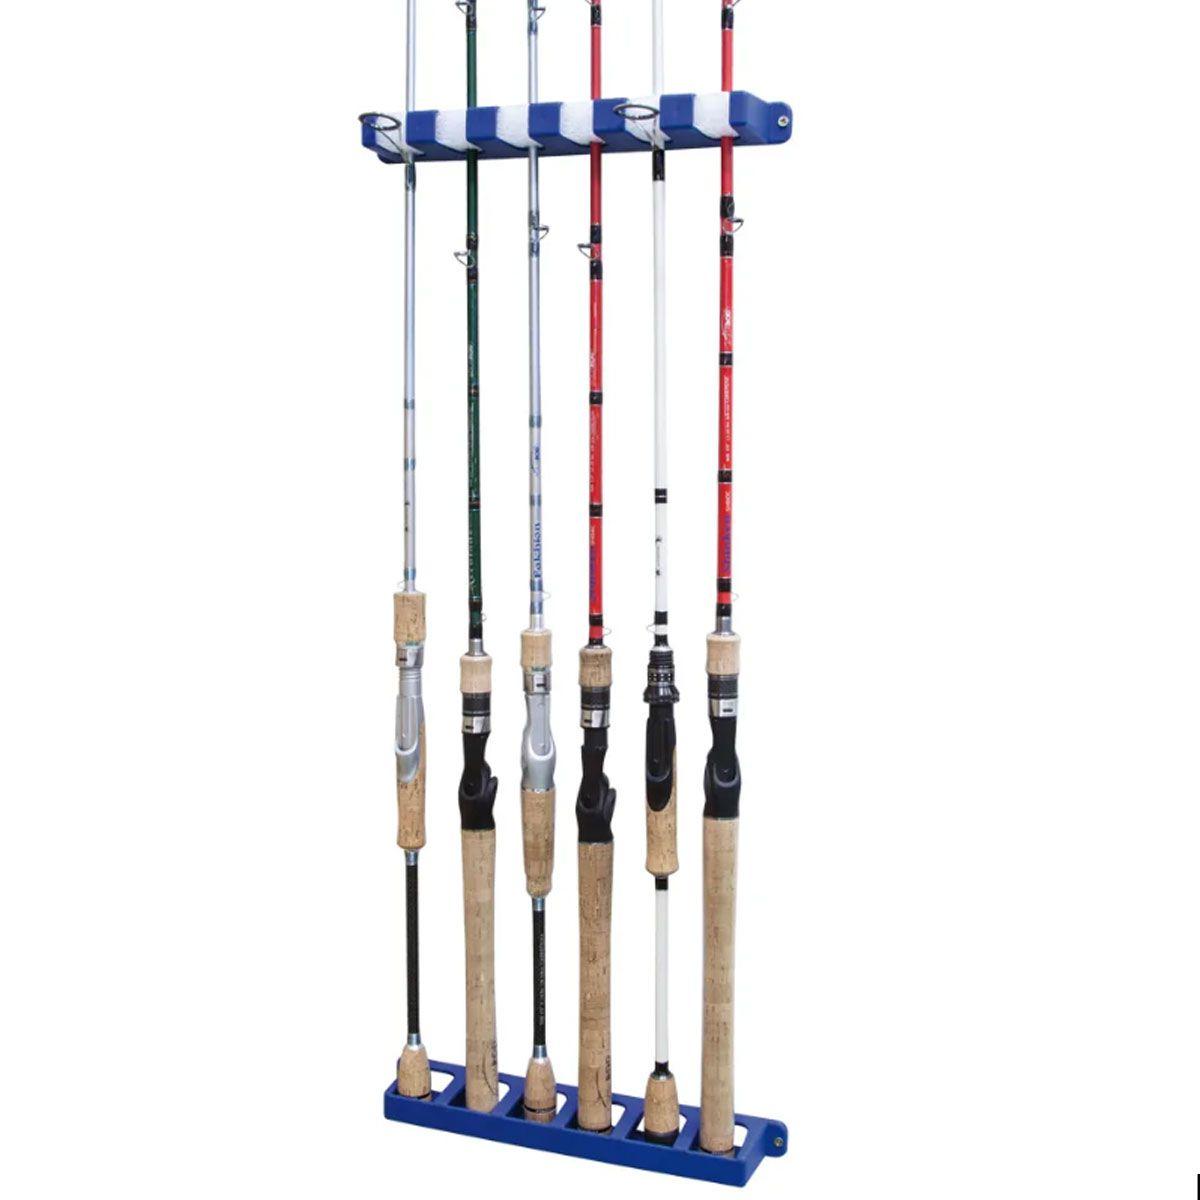 Suporte Para Até 6 Varas Nautika Rod Rack Aquafishing